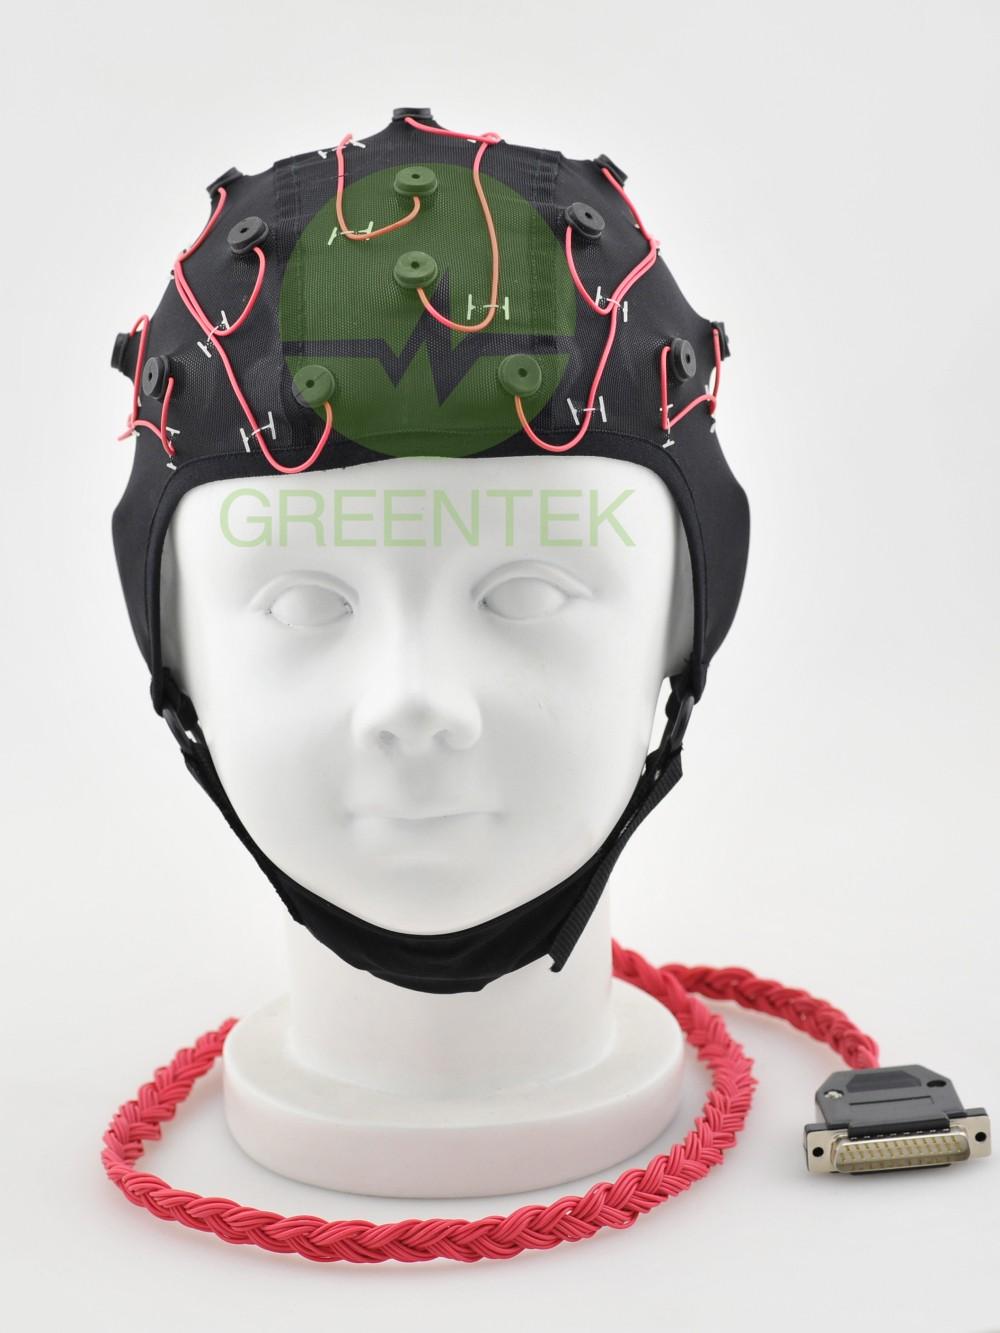 格林泰克医疗脑电图帽